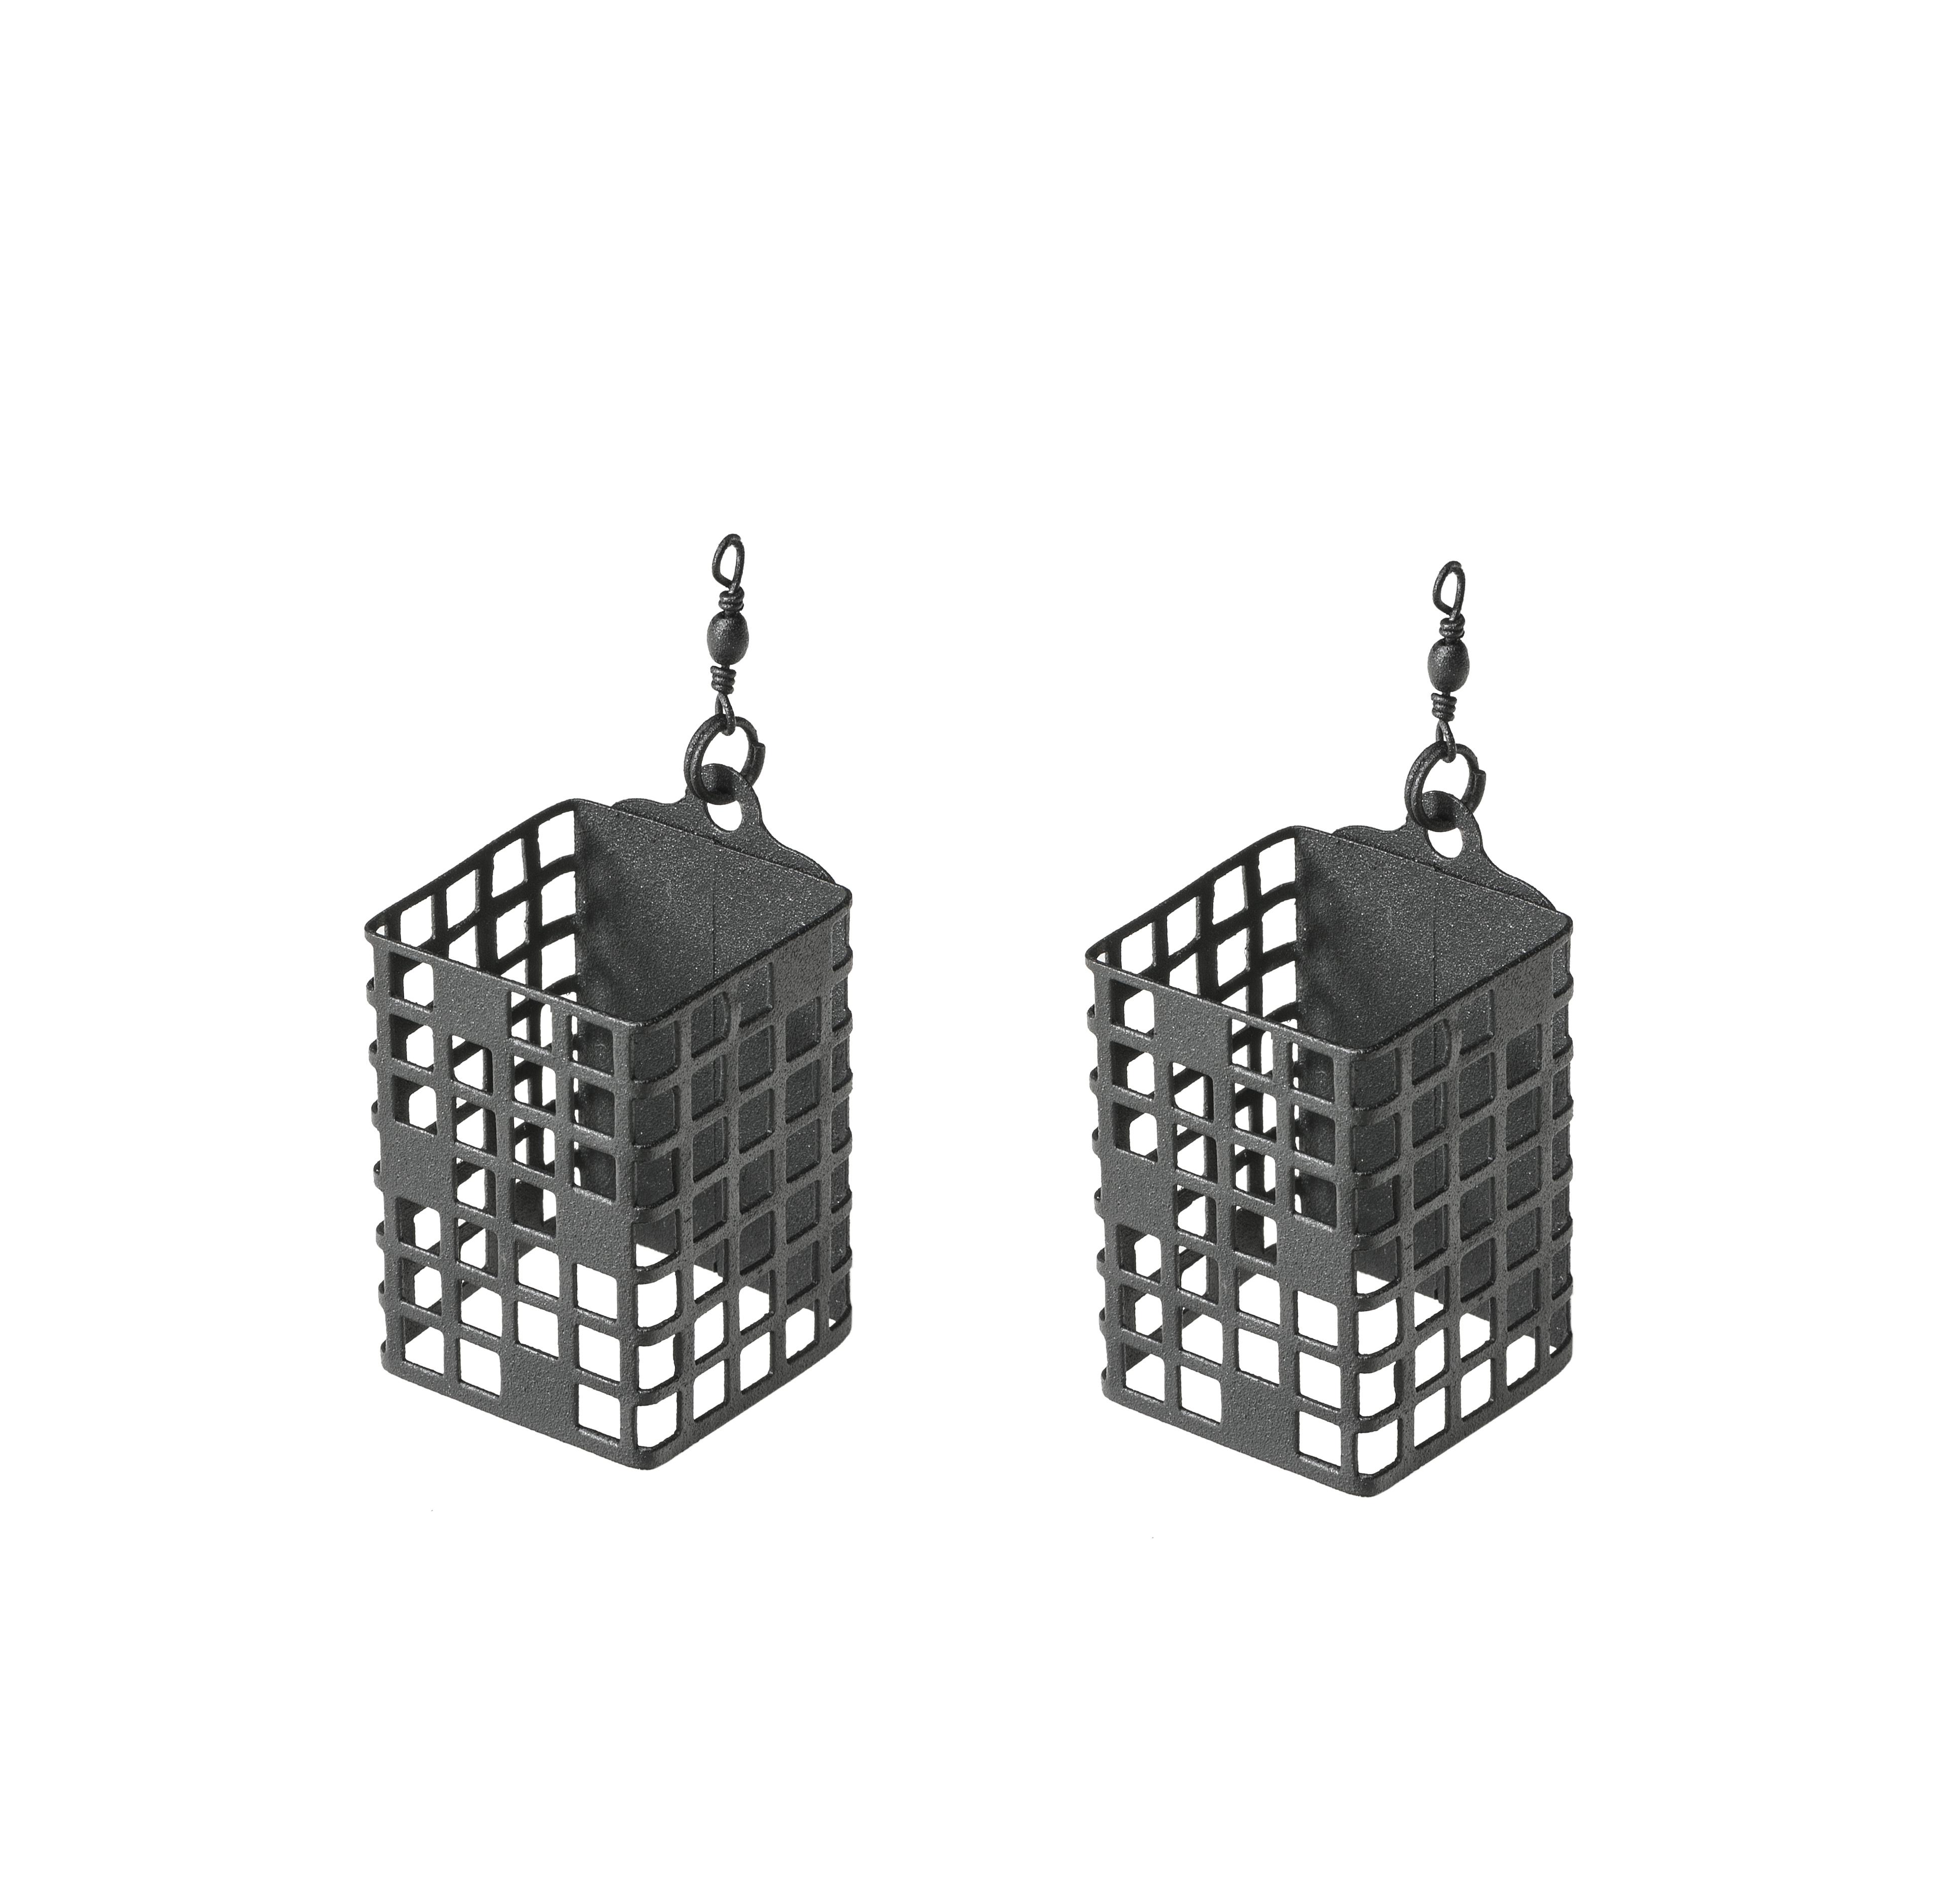 Feederové krmítko Premium Square 40gr (2ks)